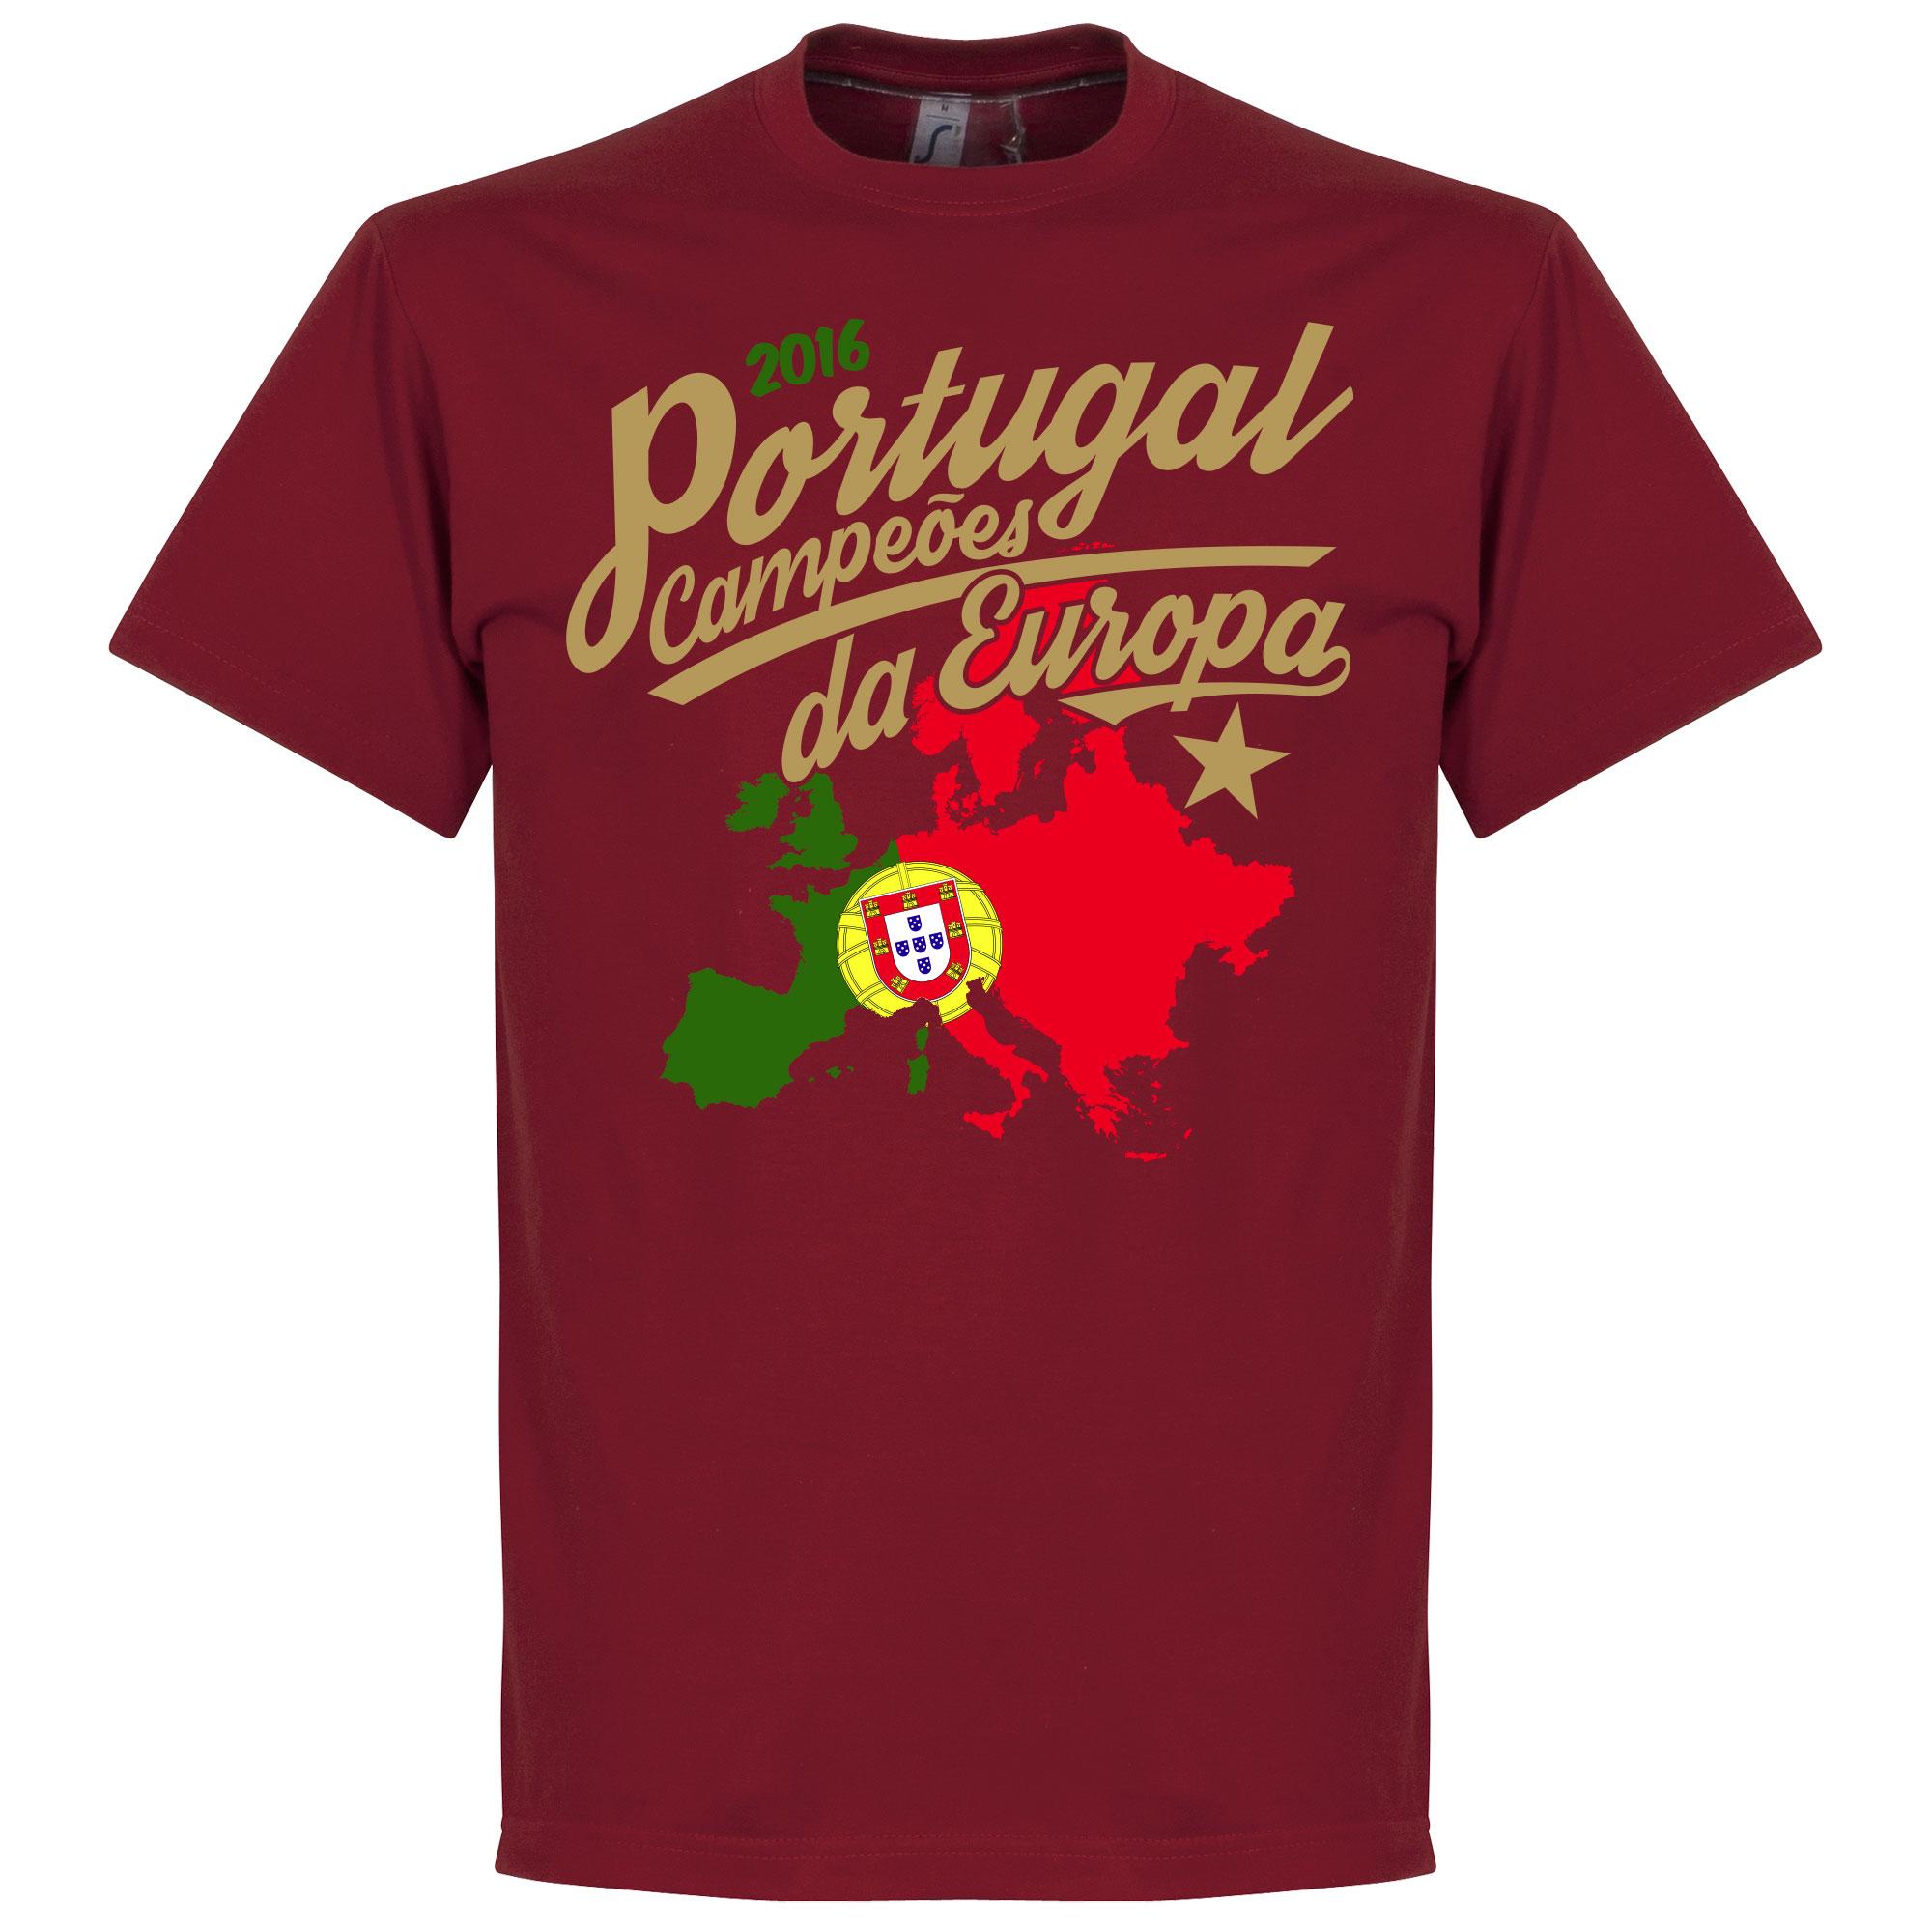 Portugal Campeóes Da Europa 2016 Tee - Deep Red - L